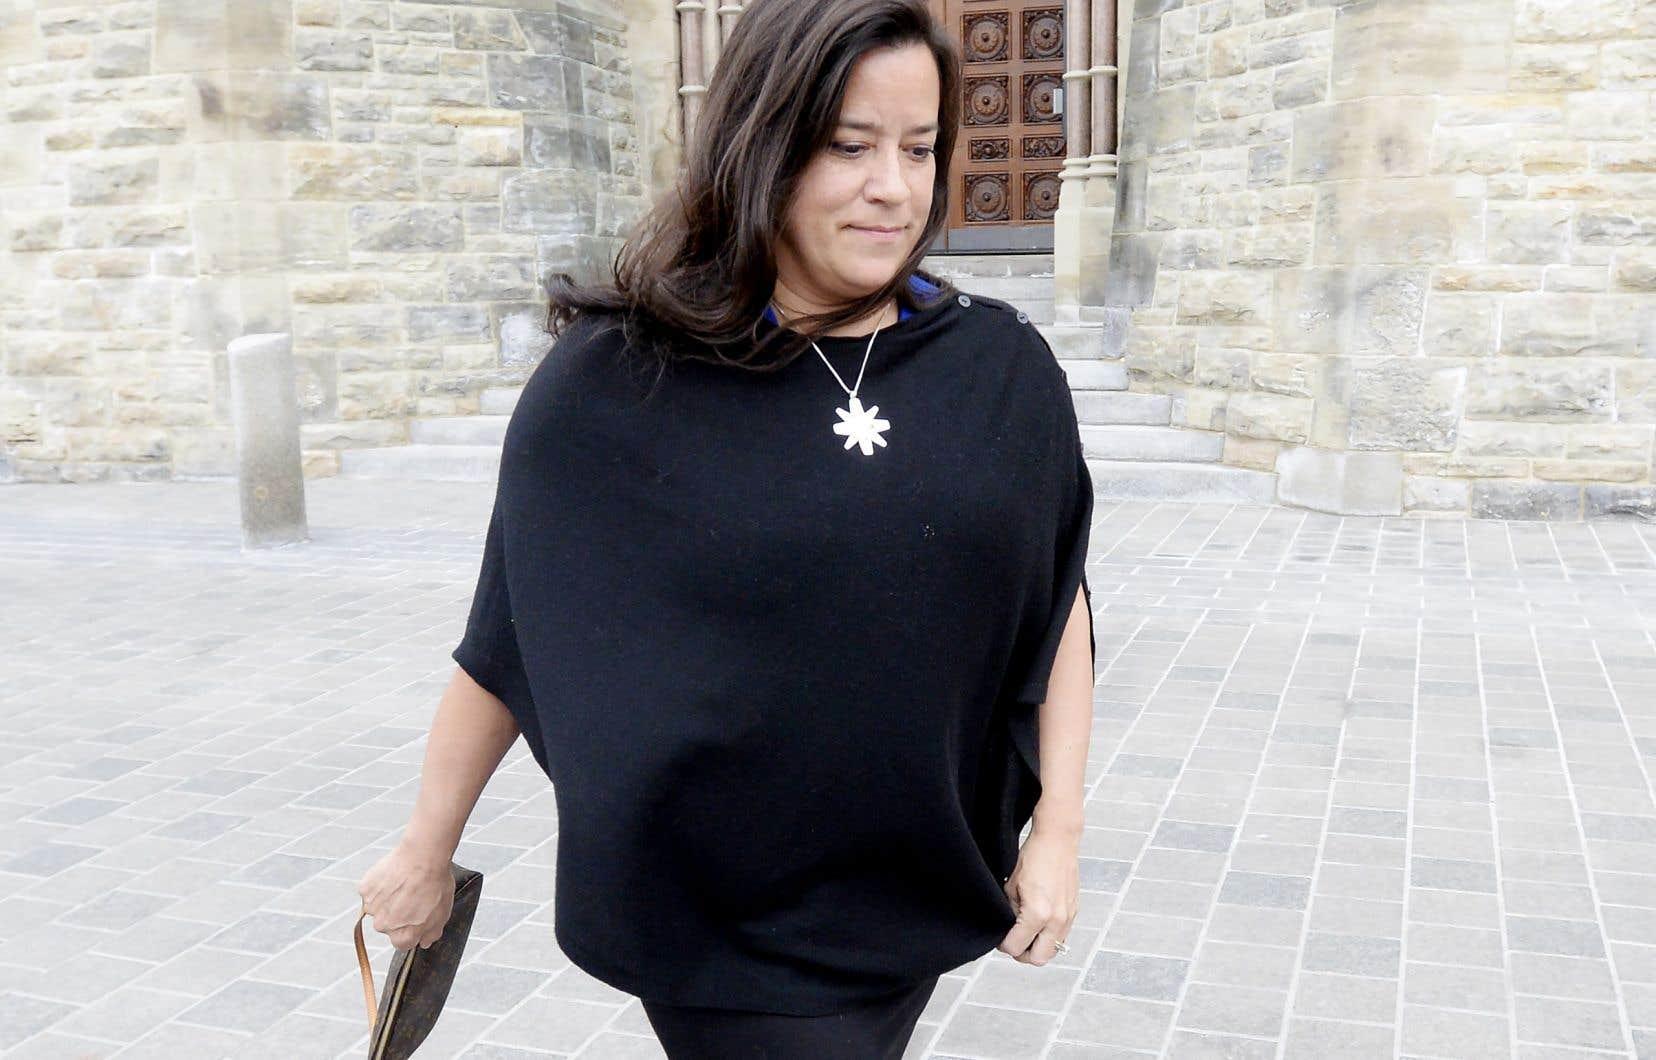 Plusieurs électeurs qui ont appuyé Jody Wilson-Raybould aux dernières élections se disent déçus de son expulsion et entendent encore la soutenir si elle se présente en tant qu'indépendante.